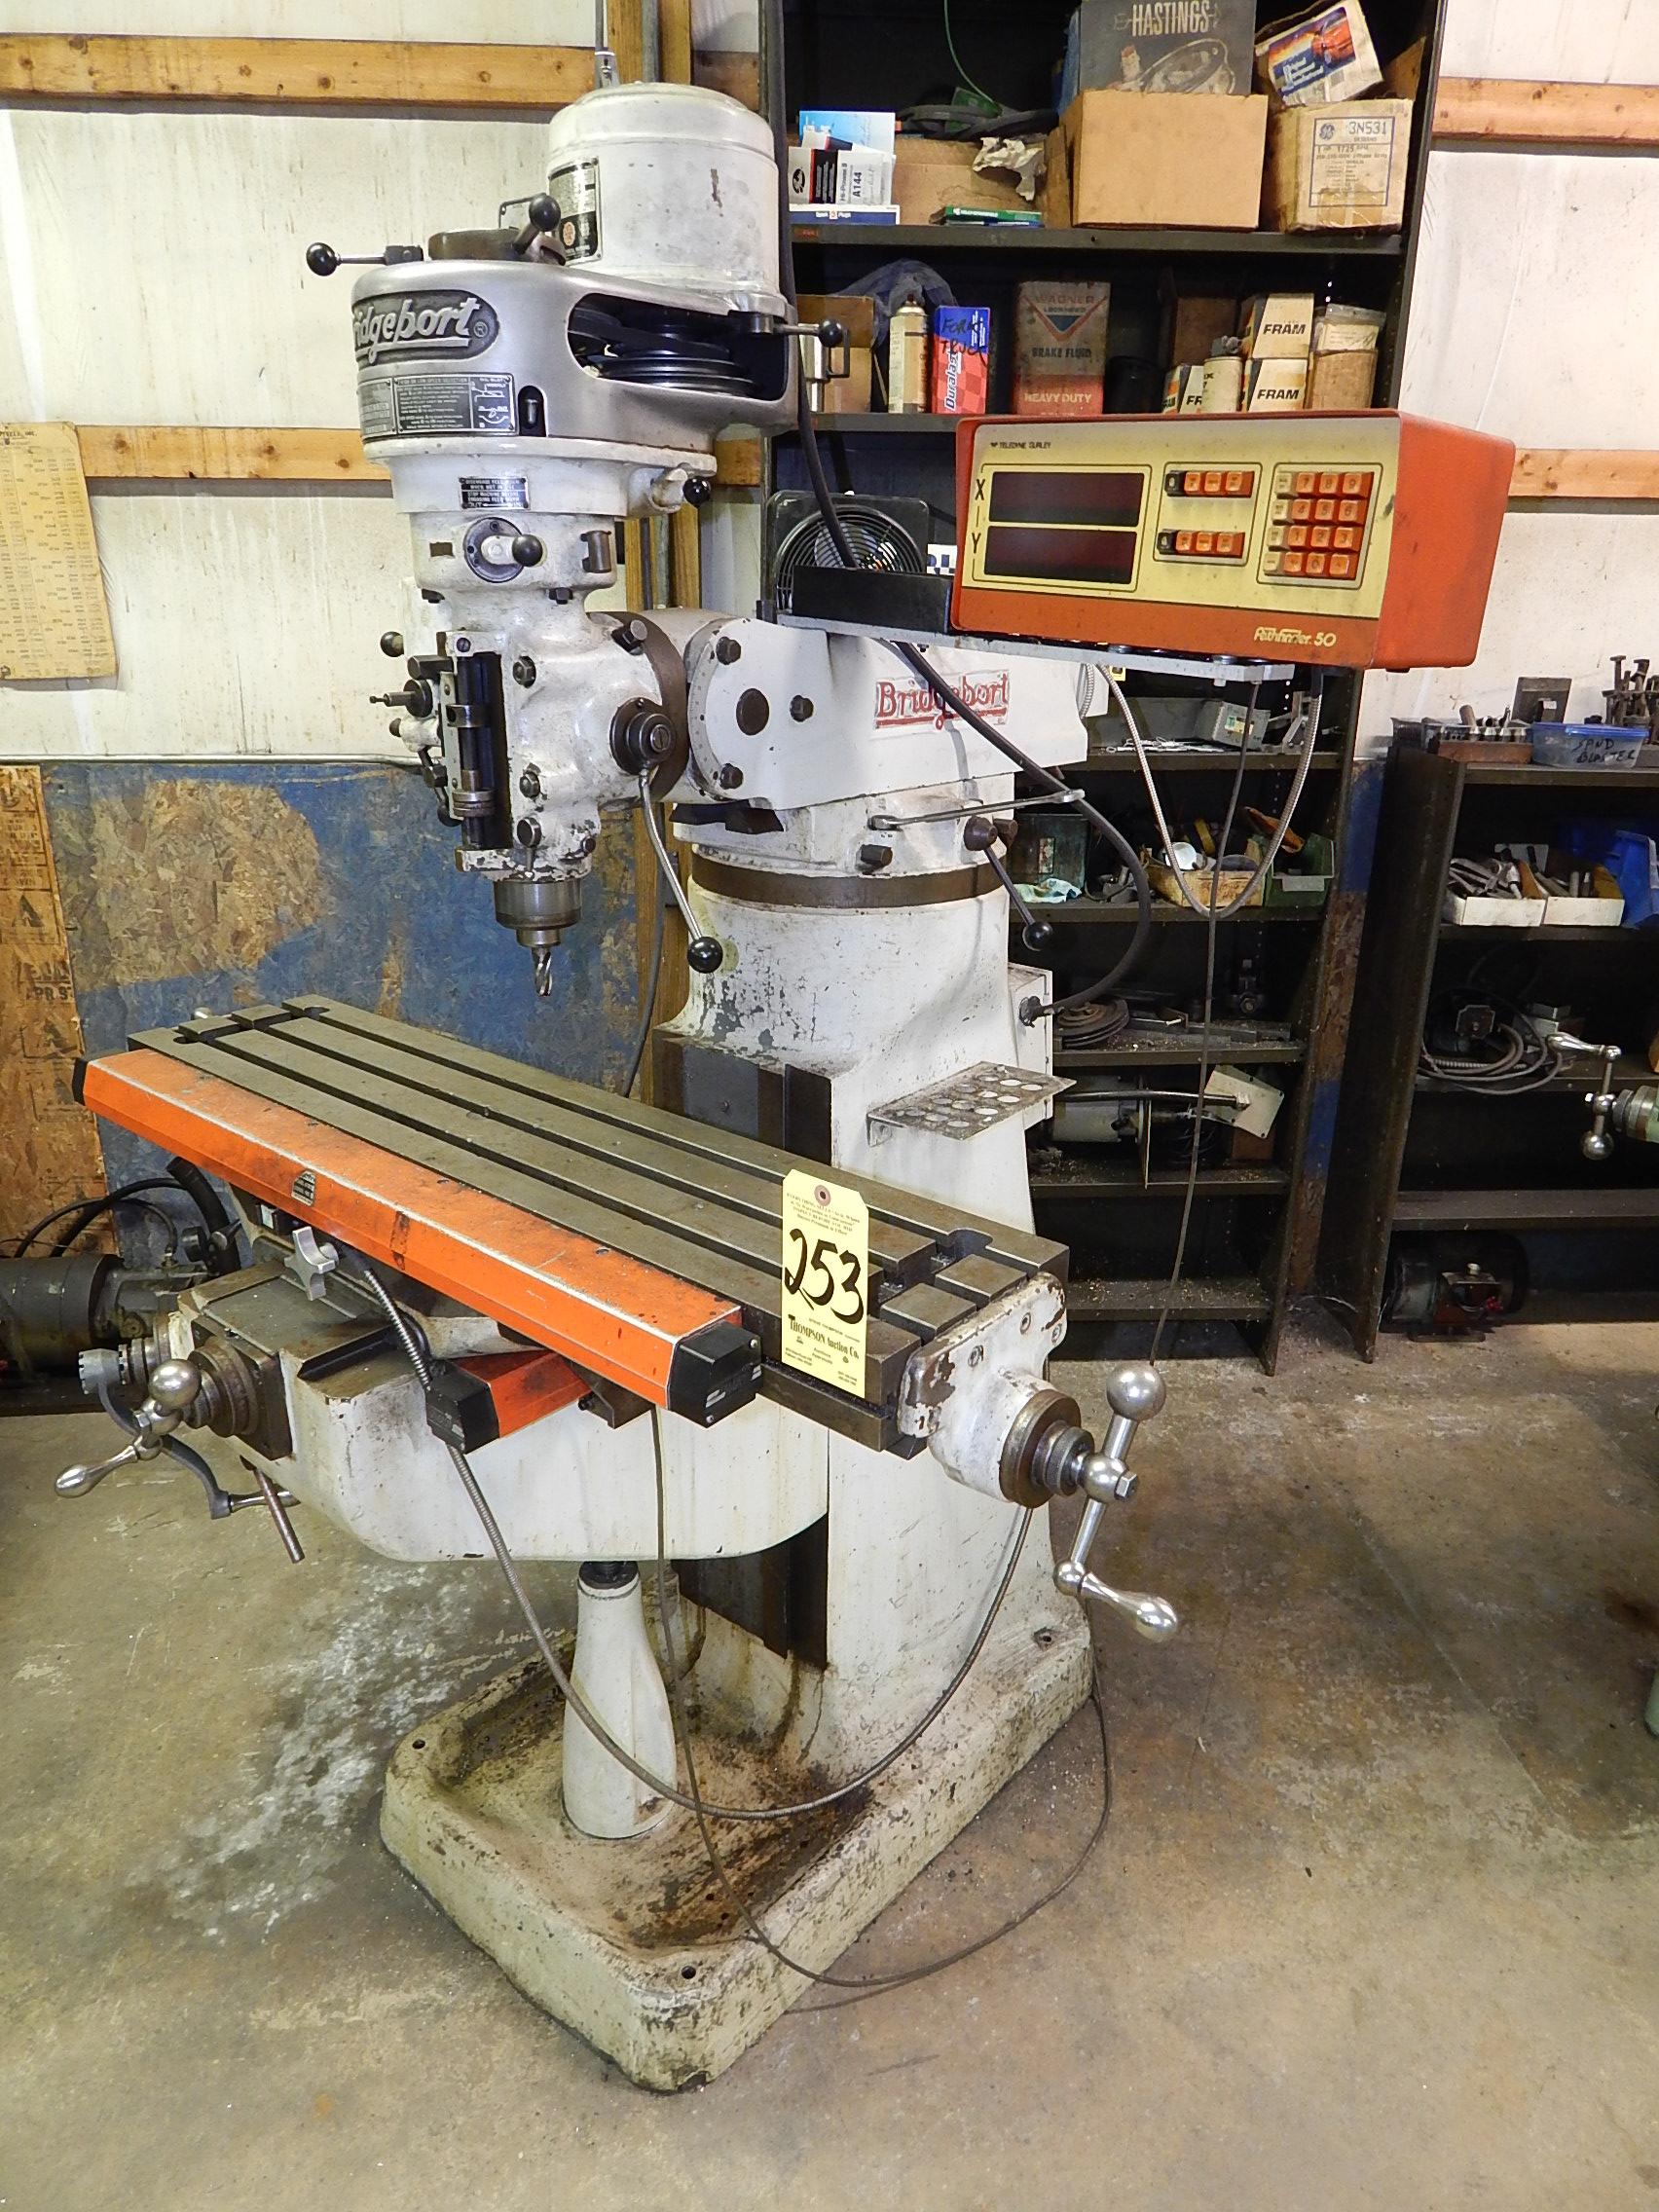 Lot 253 - Bridgeport 1 HP Step Pulley Vertical Mill, s/n 12BR78578,